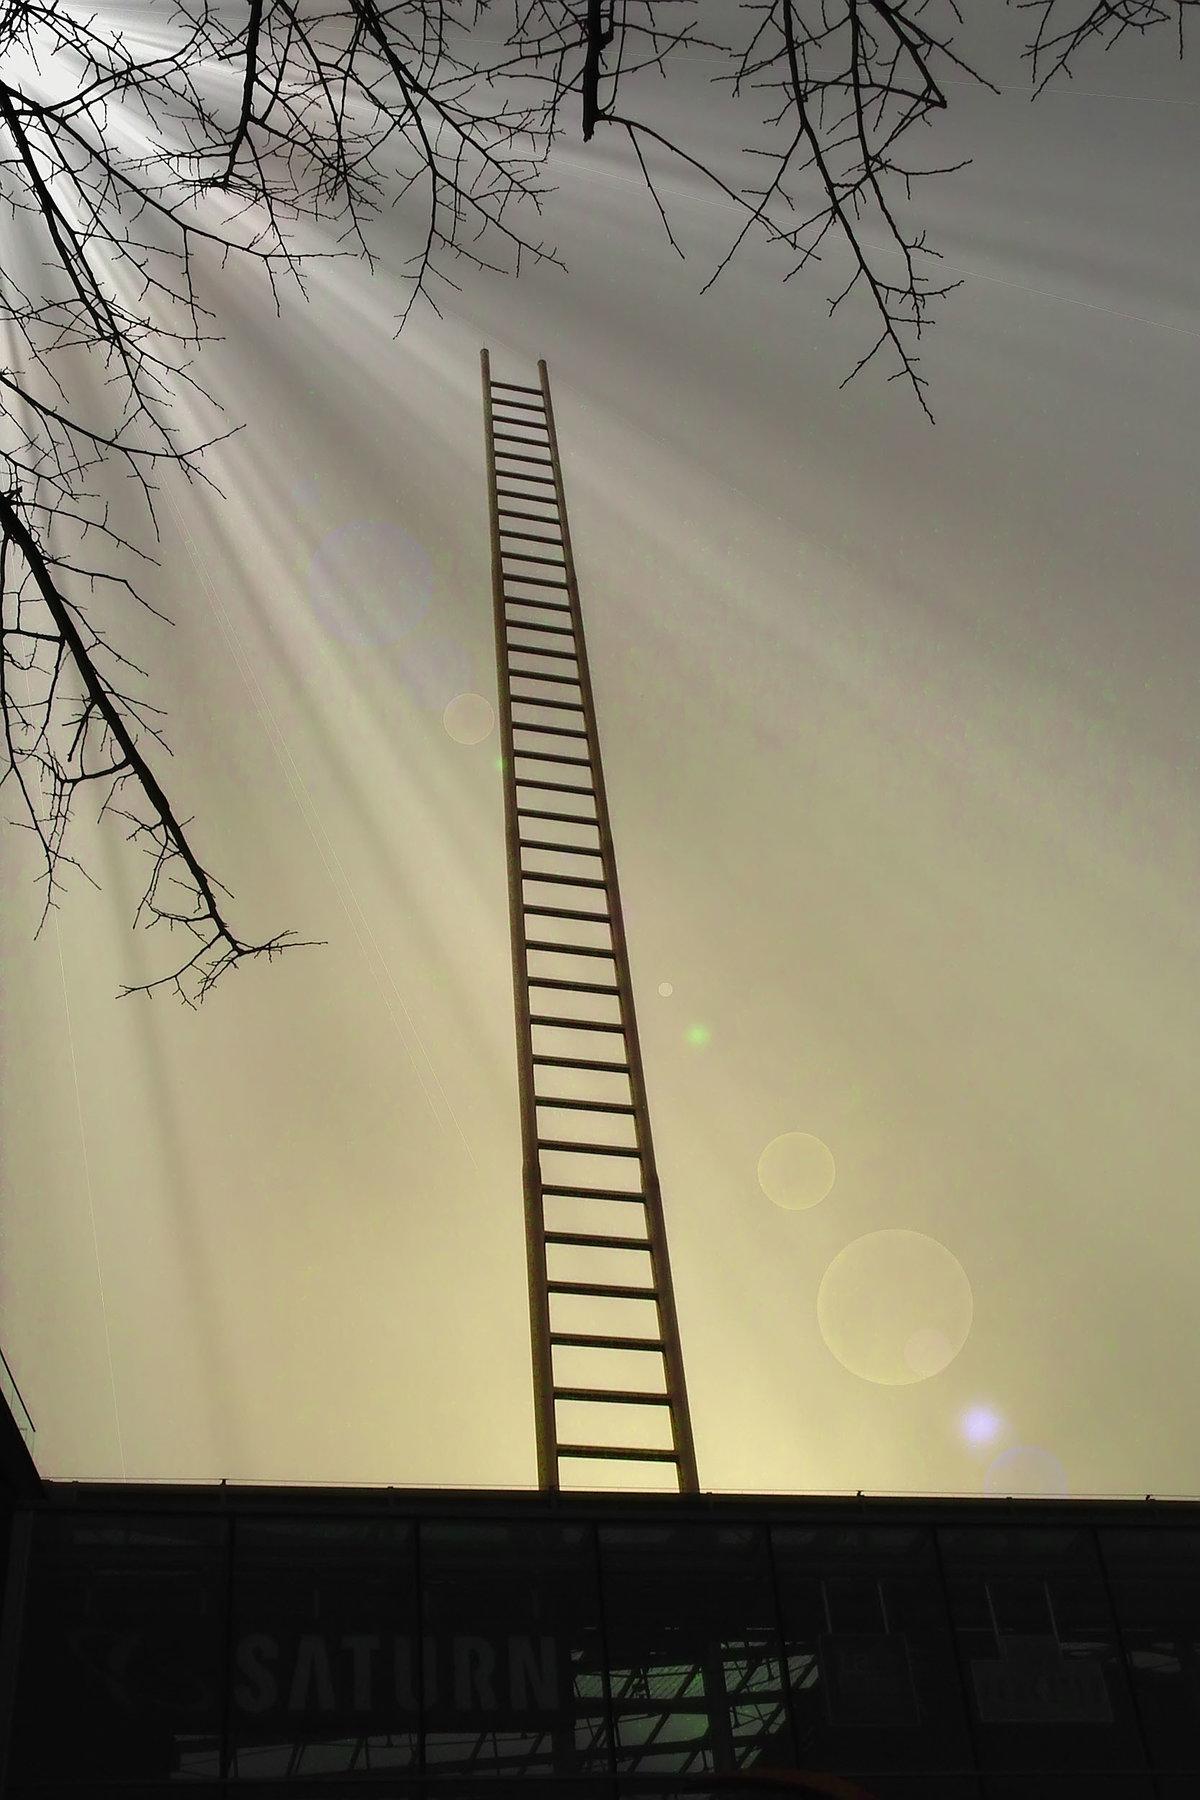 поднятия картинки модульная лестница в небеса вечеринки для взрослых